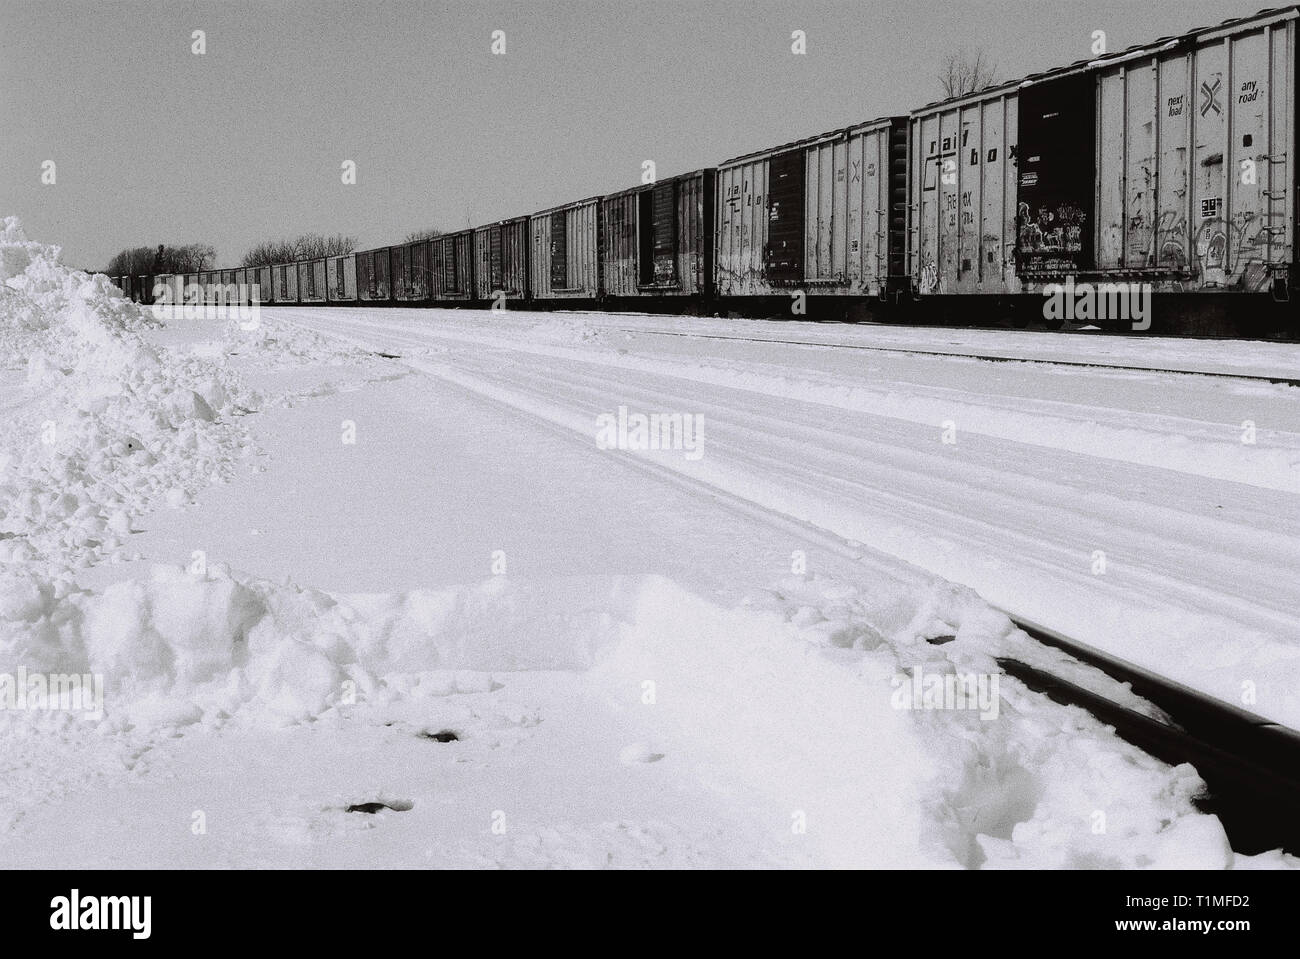 En train Elginburg, Ontario, Canada - Haute qualité négatif numérisé - 35mm - Photo prise en 2002 Photo Stock